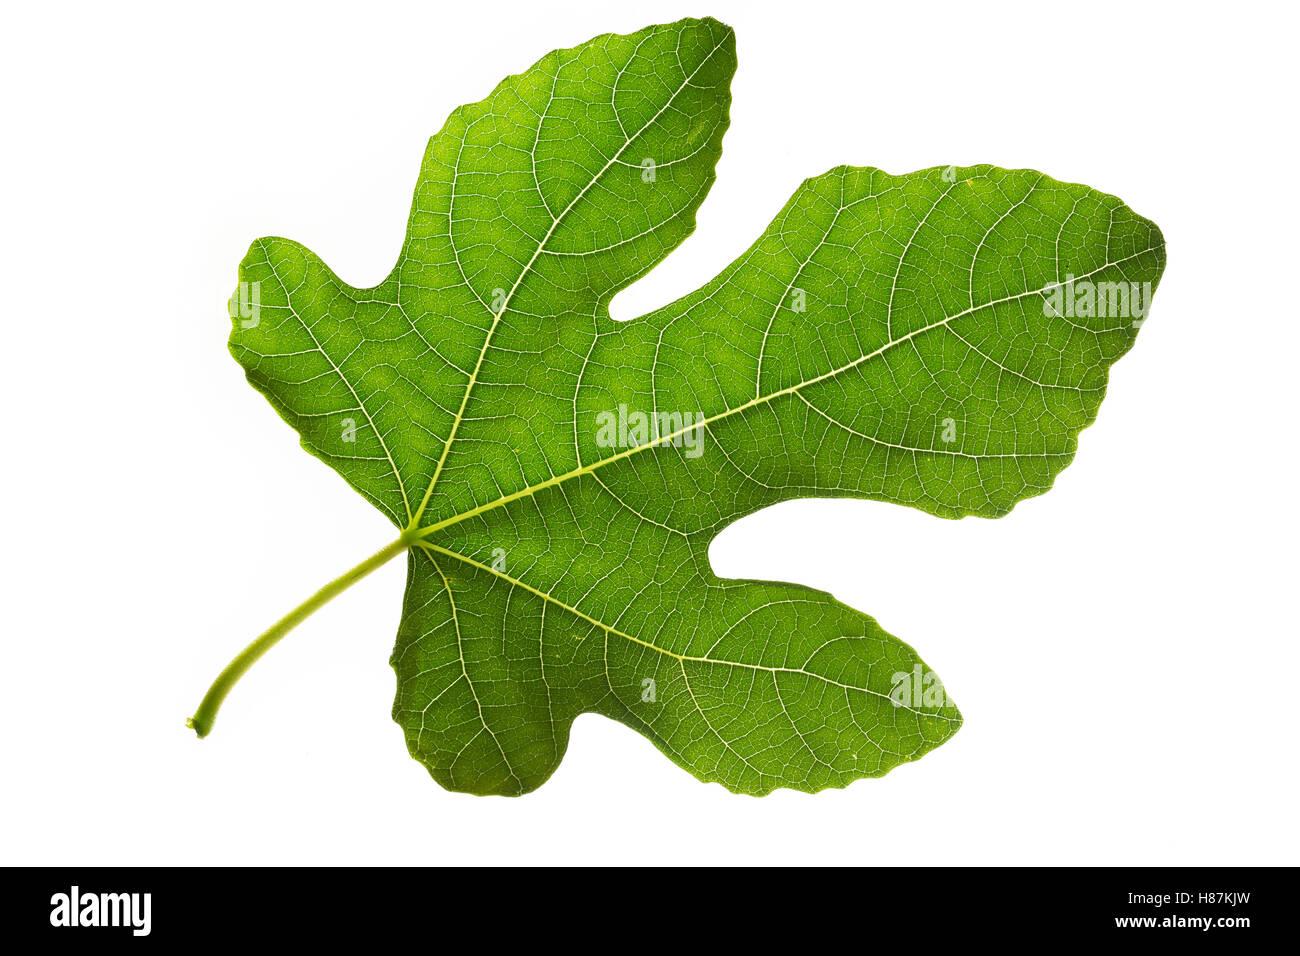 Feige, Echte Feige, Feigenbaum, Feigenblatt, Ficus carica, Fig, Figuier, Figuier comestible, Figuier commun. Blatt, Stock Photo